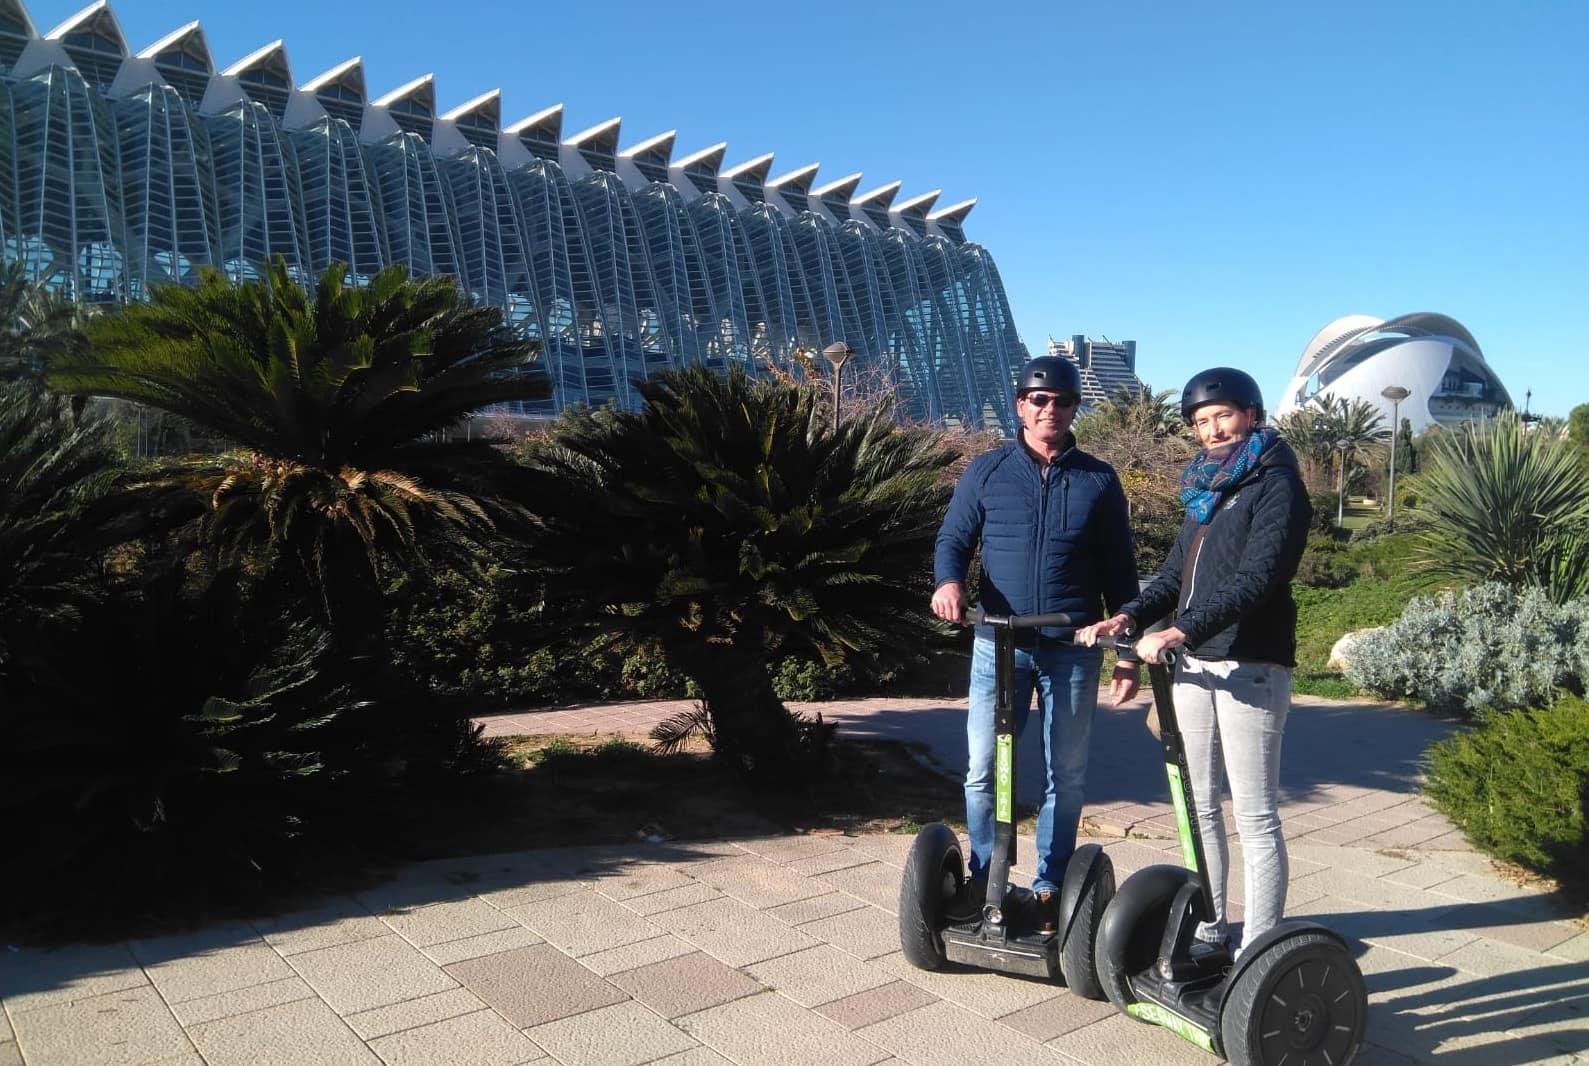 Bike e segway tout, le migliori visite di Valencia, i migliori tours per il centro storico e per la Città delle Arti e le Scienze.